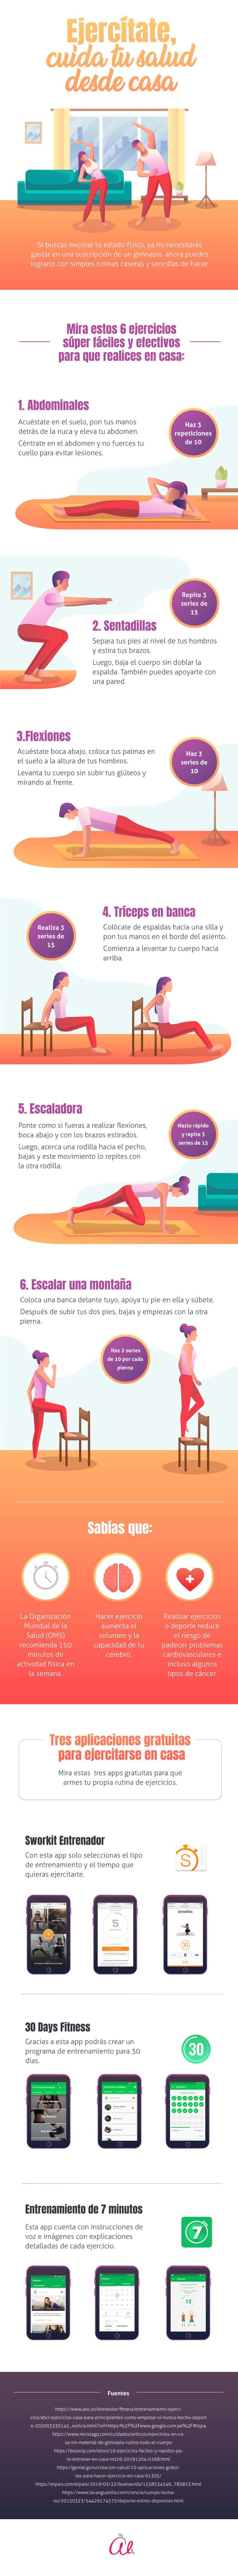 Diariamente Ali - 6 ejercicios fáciles para hacer en casa